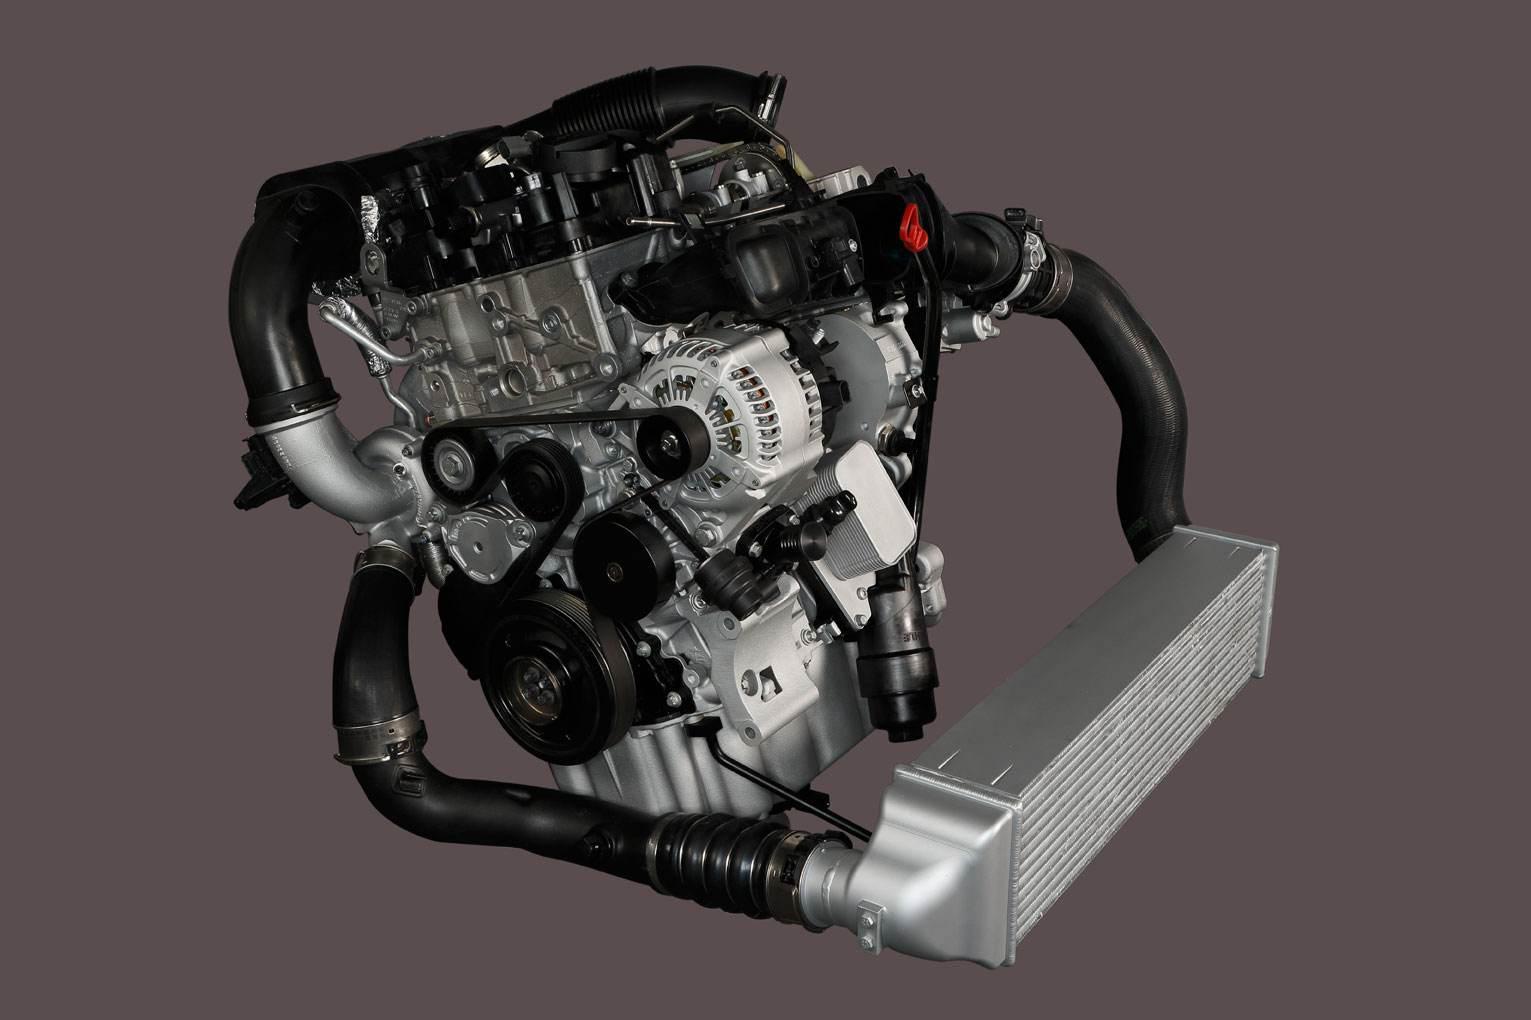 发动机是汽车的核心,但是发动机也会出现很多的问题,像是积碳,烧机油